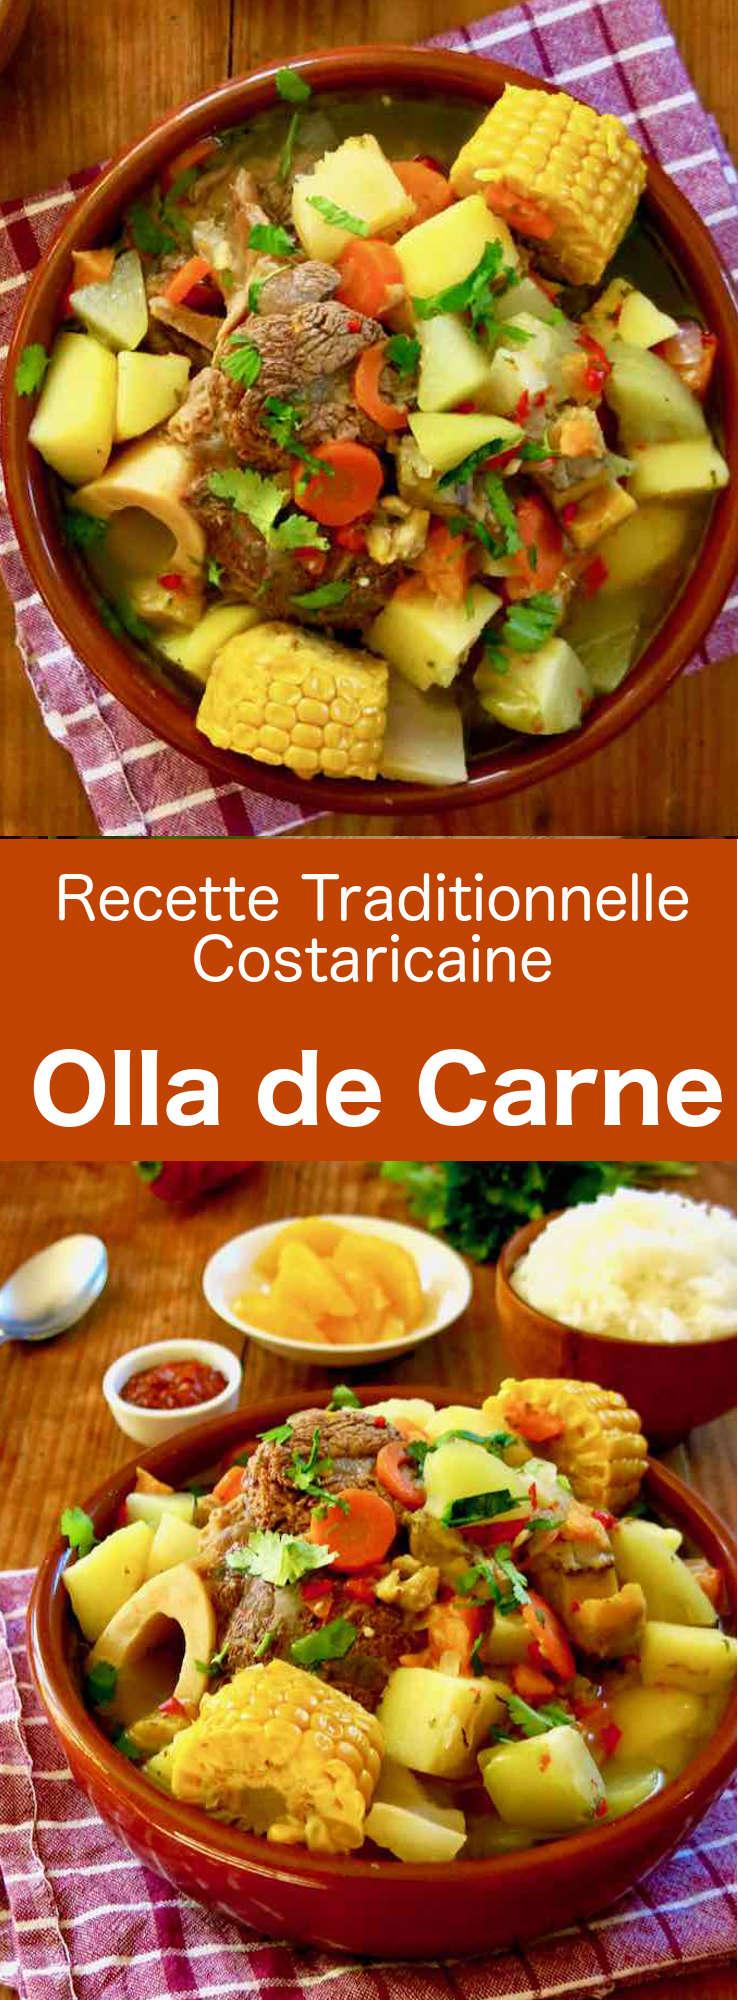 La olla de carne (marmite de viande) est un des fleurons de la cuisine costaricaine, à base de bœuf, de pommes de terre et autres légumes longuement mijotés. #CostaRica #RecetteCostaricaine #CuisineCostaRicaine #CuisineDuMonde #196flavors